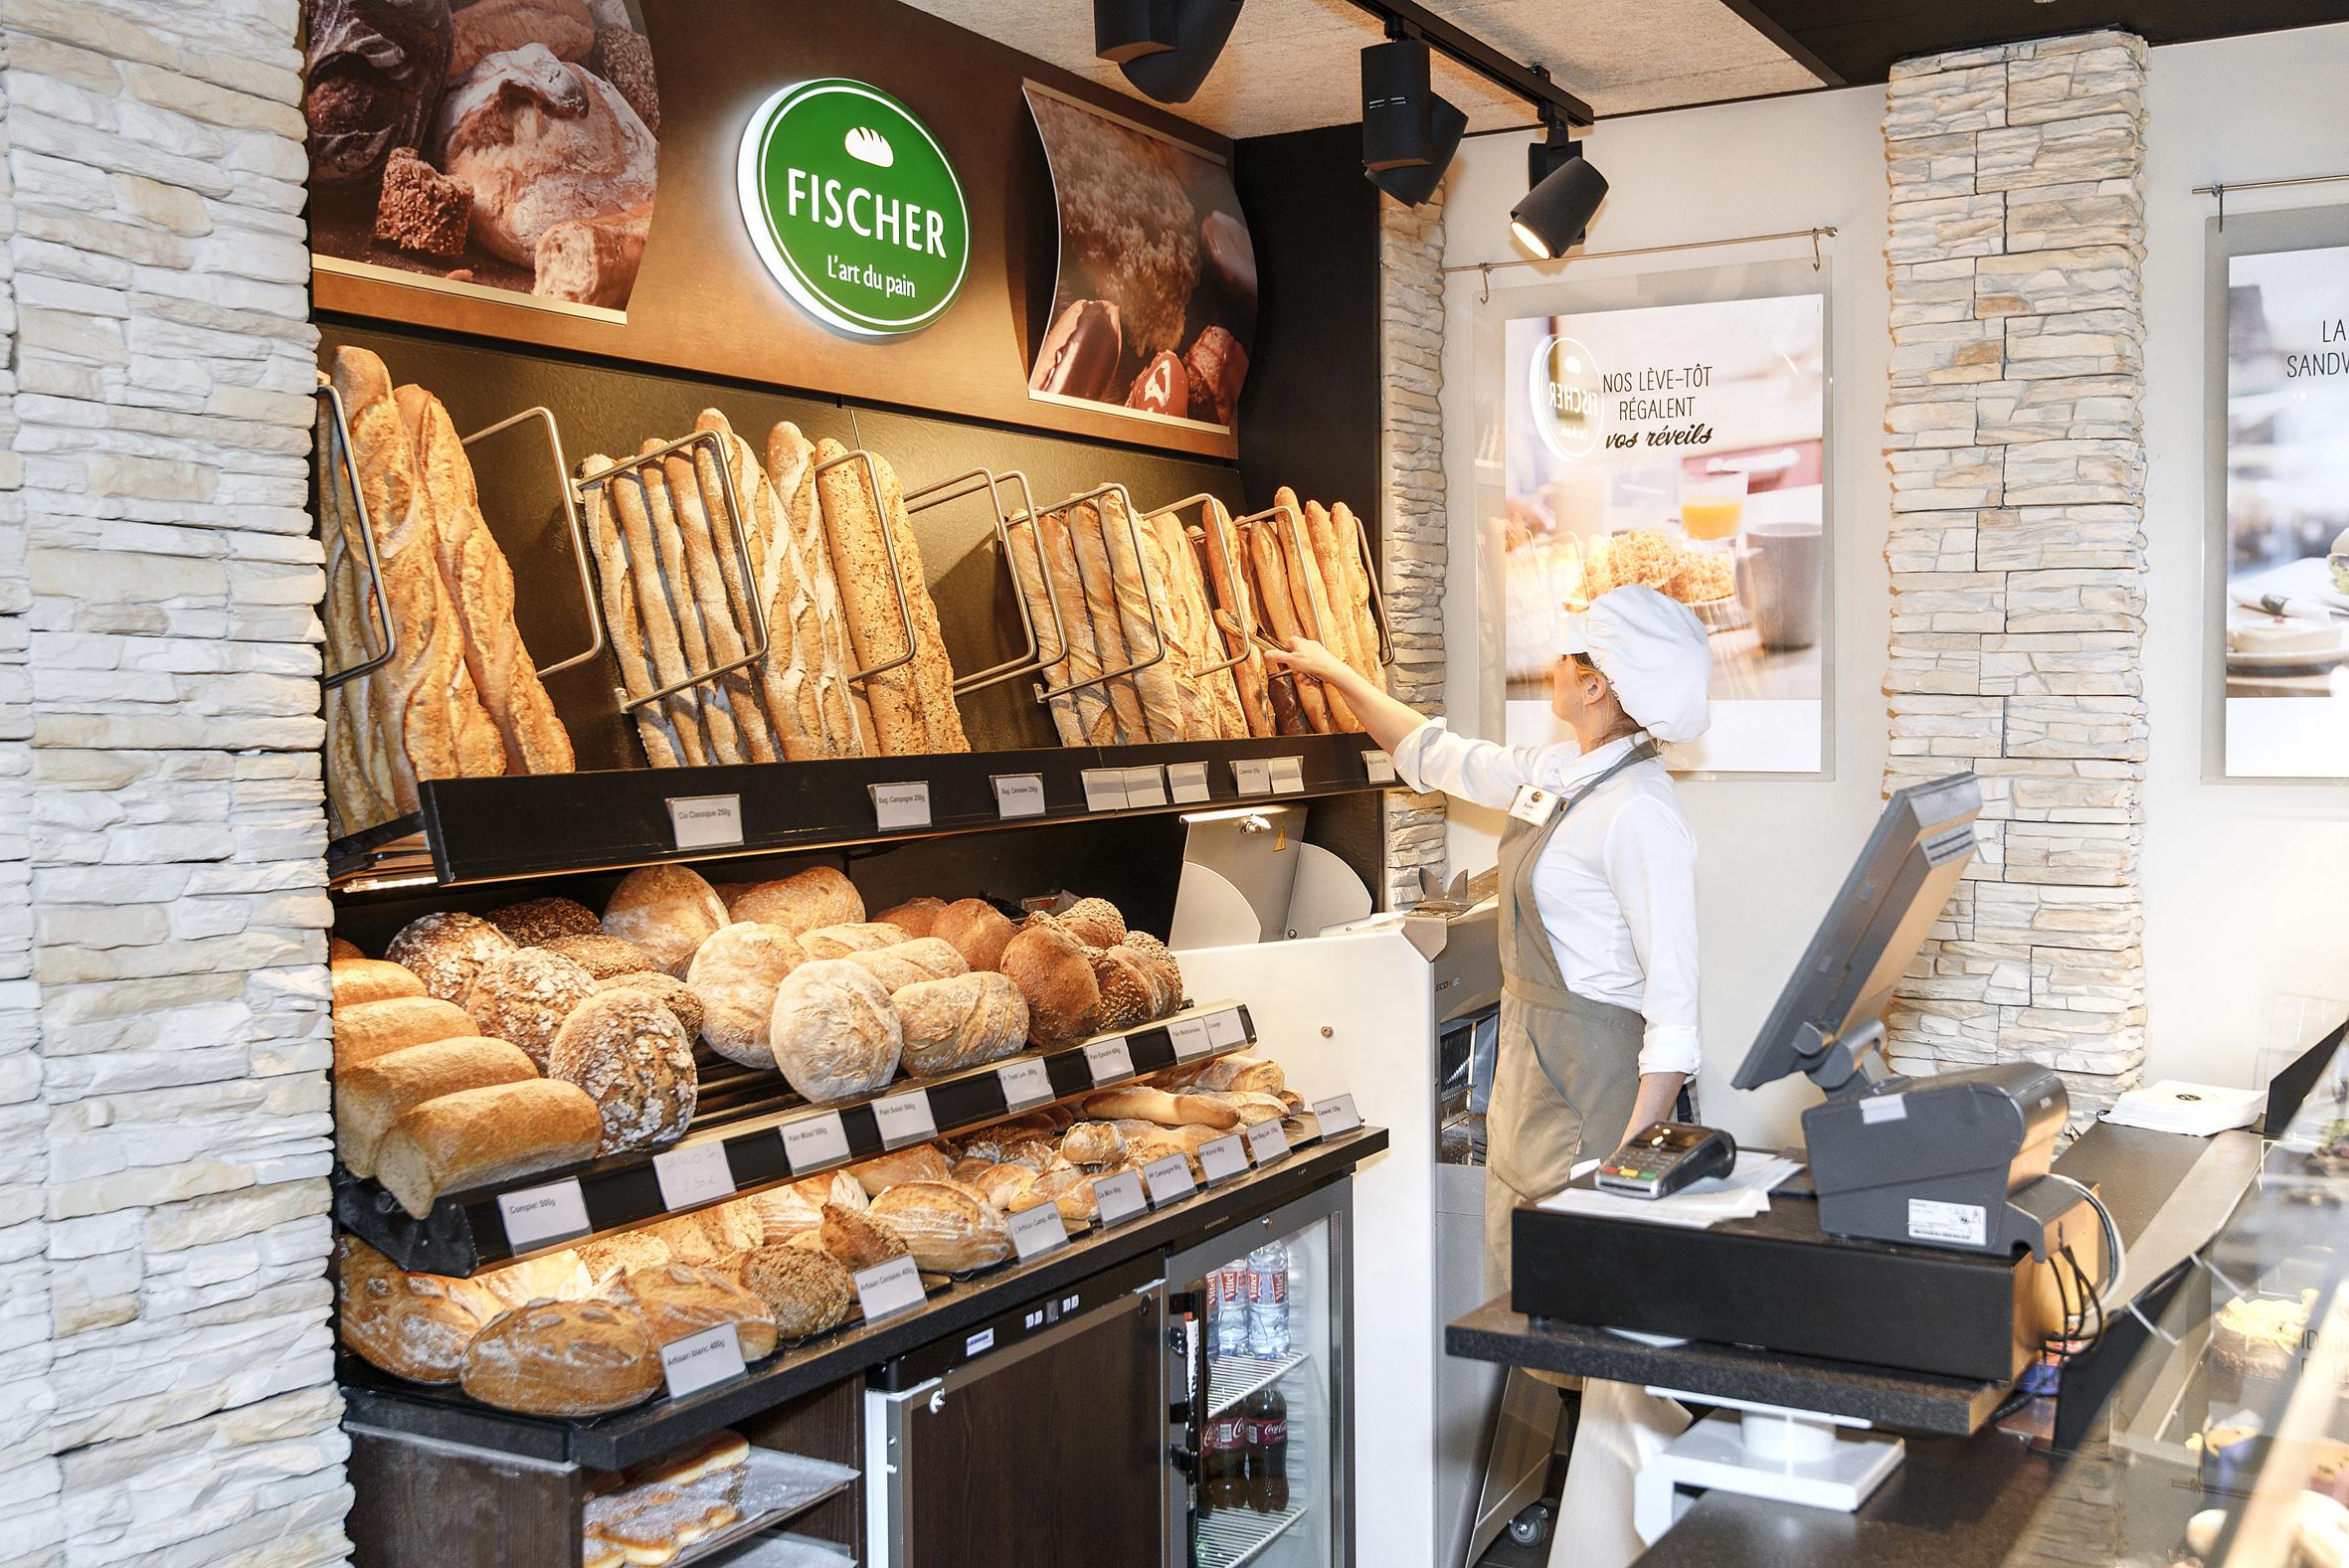 Carte Boulangerie Ange.Secteur De La Boulangerie Les Chaines Se Multiplient Comme Des